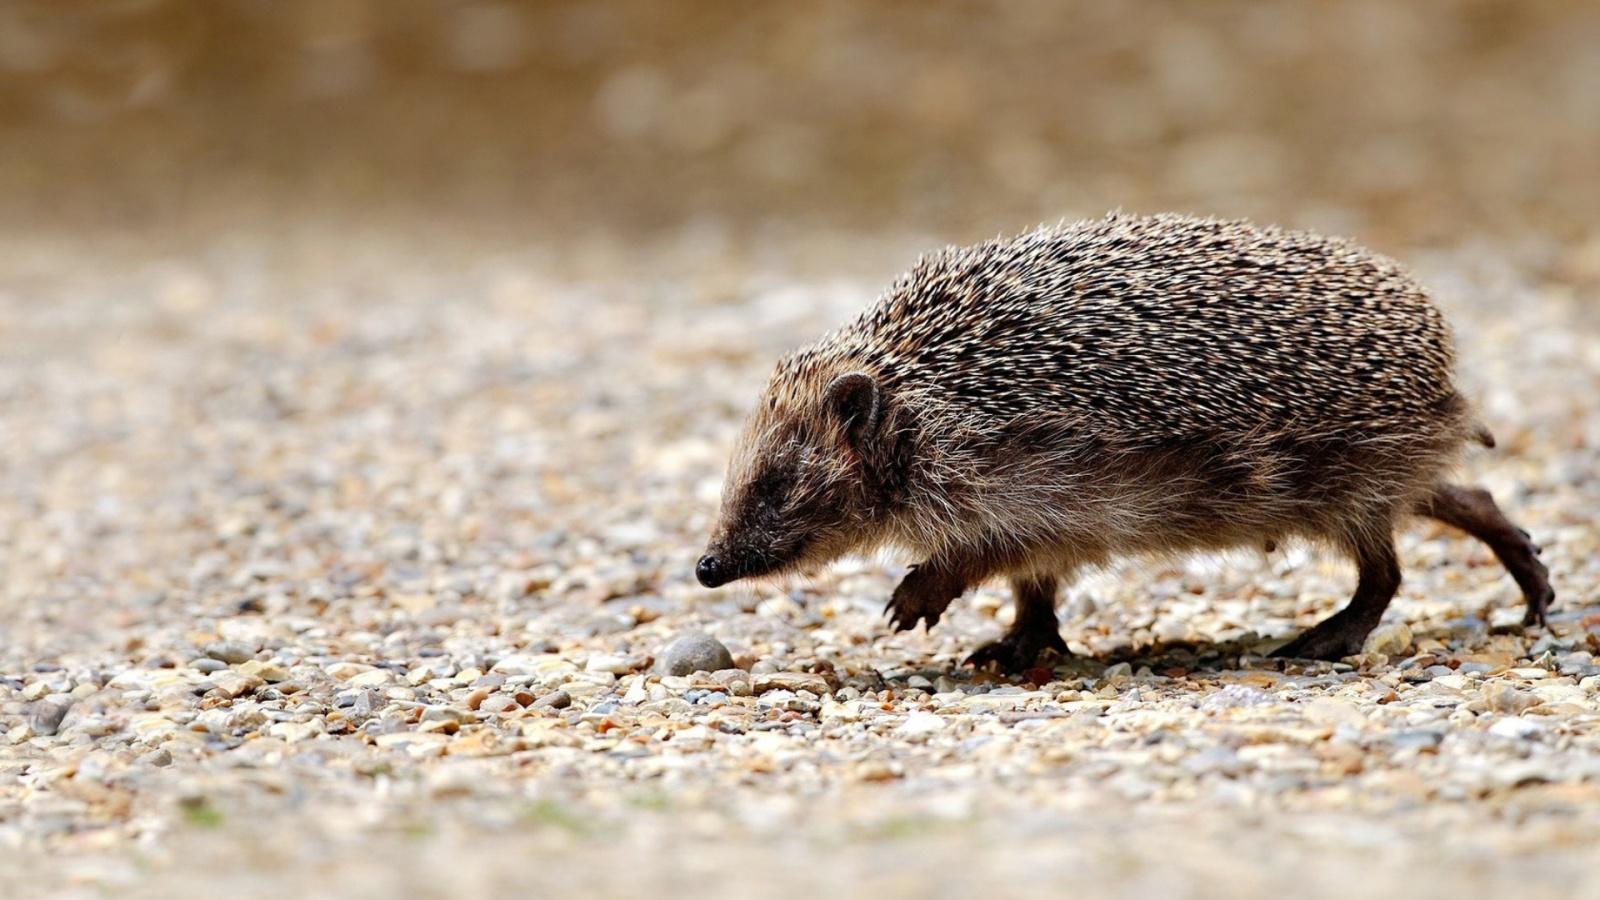 Hedgehog walking